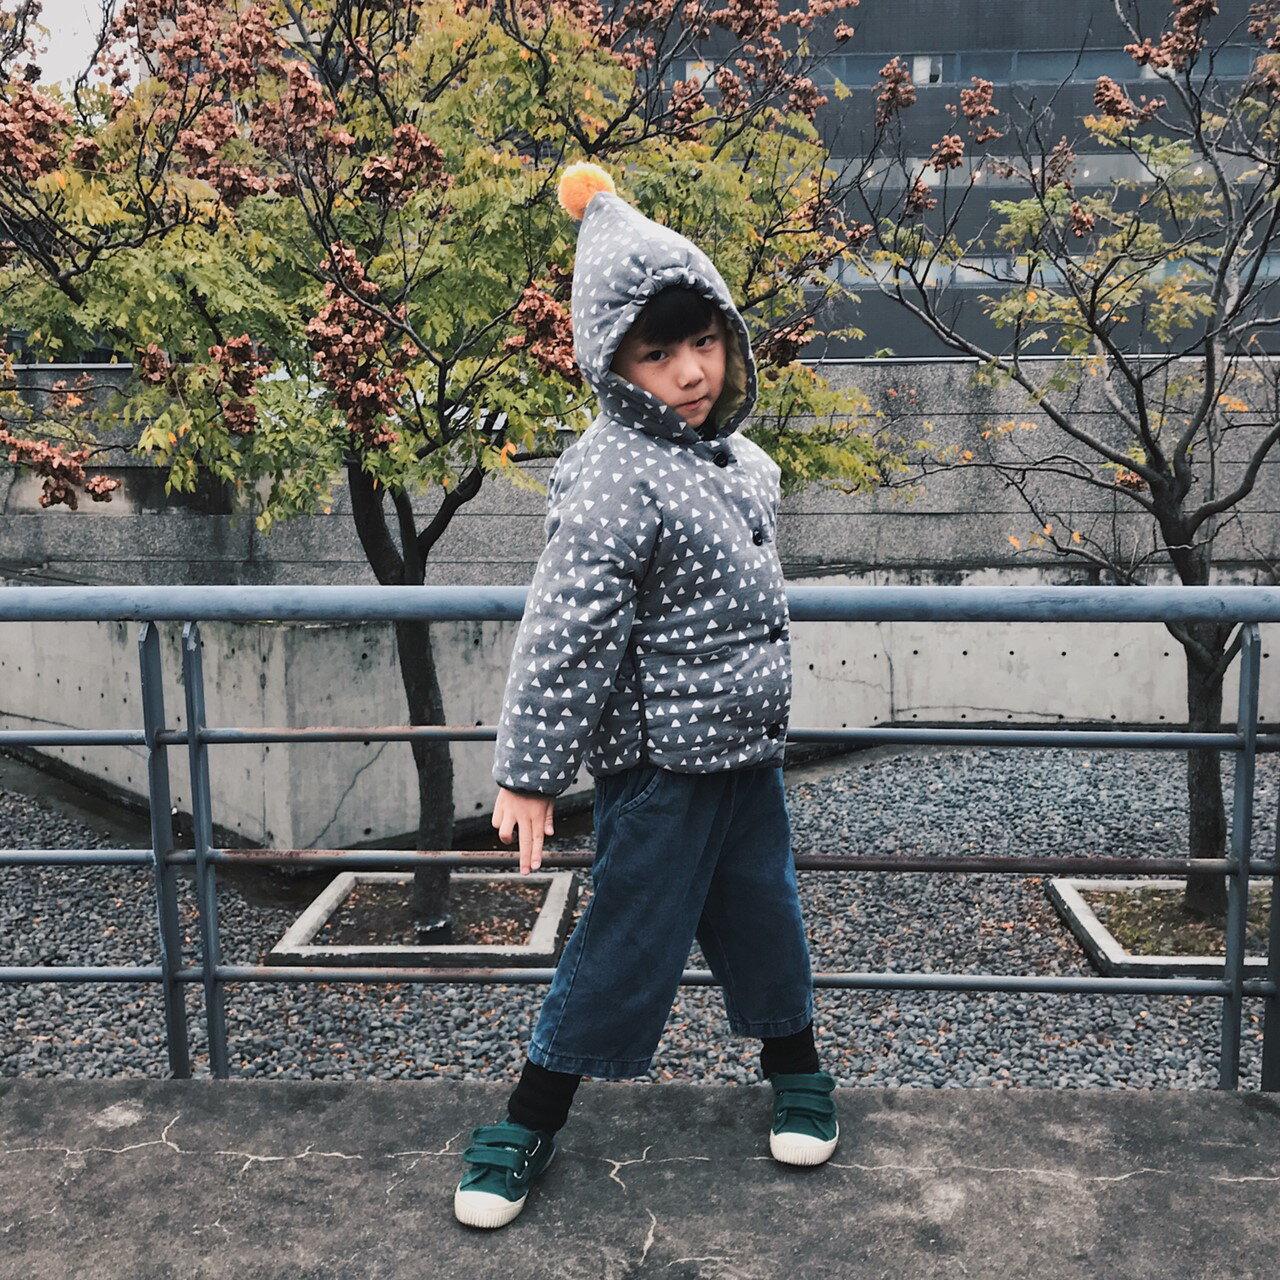 毛球鋪棉三角印花連帽長袖外套 厚外套 外套 鋪棉 鋪棉外套 連帽上衣 女童 男童 中性款 橘魔法【p0061198291947】 2